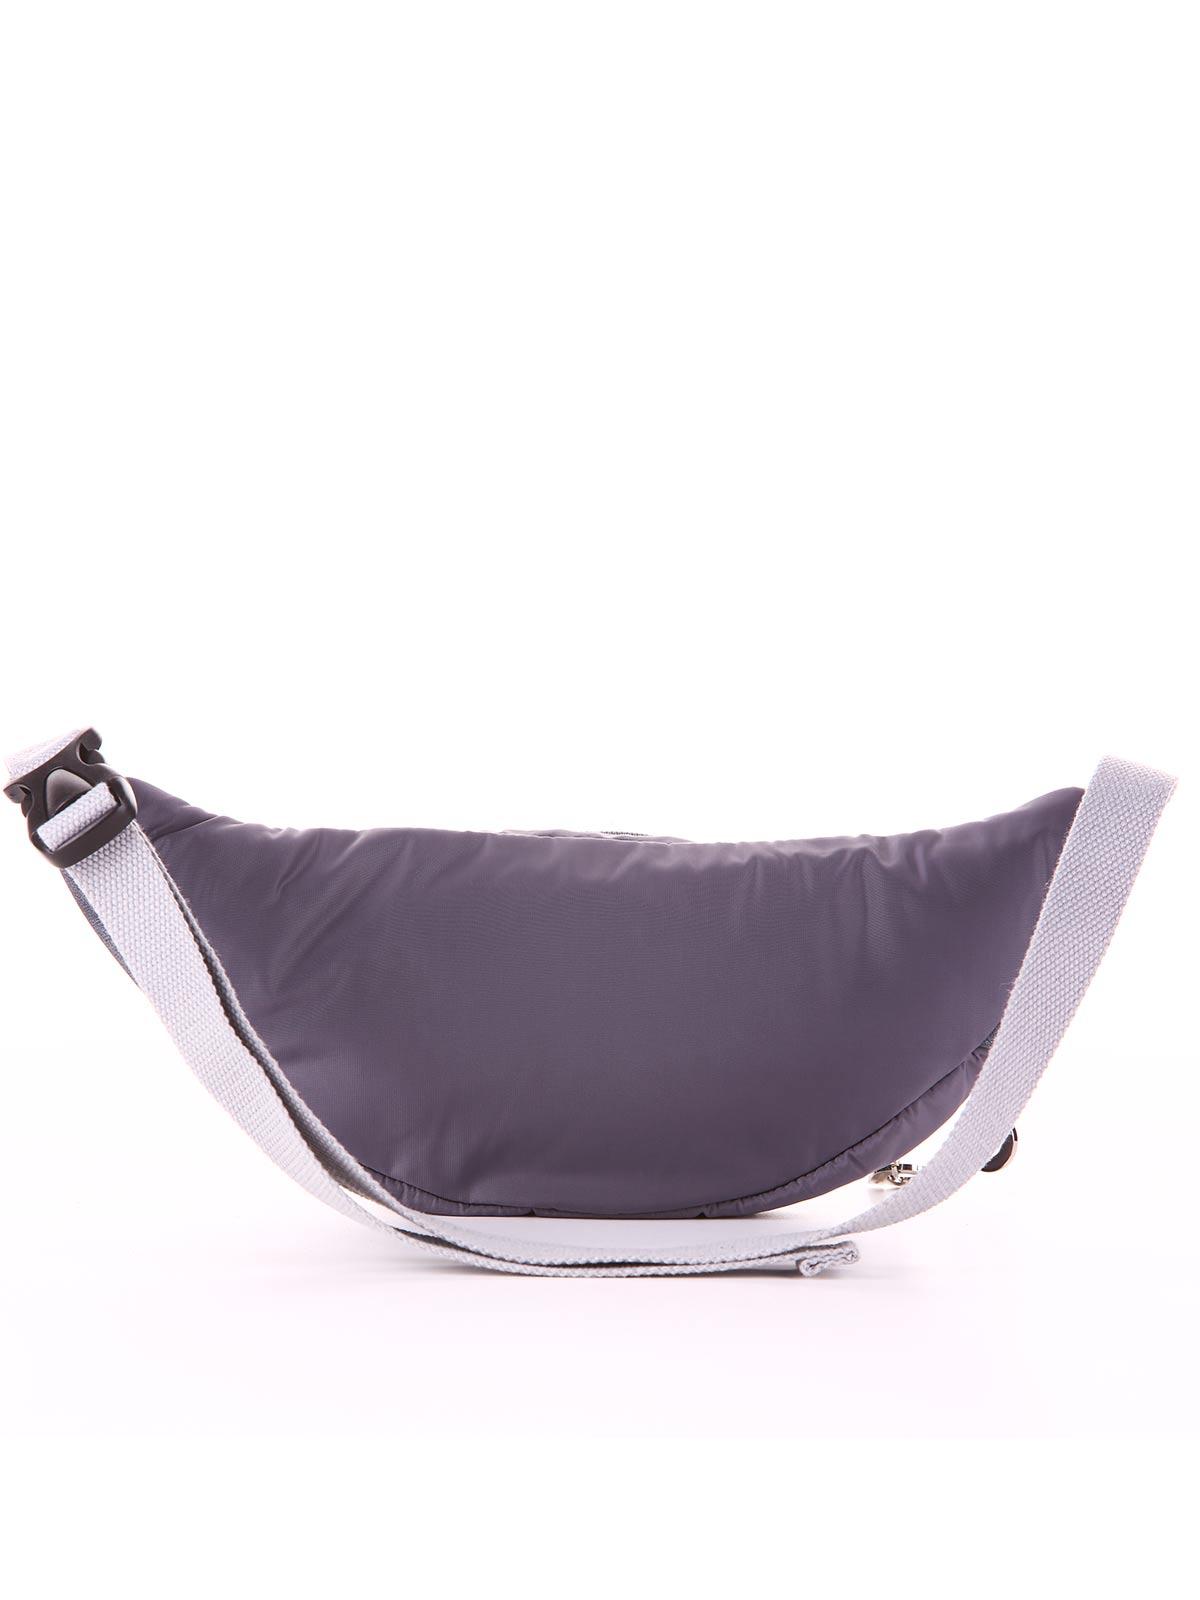 Модная сумка на пояс, модель 183884 серый. Фото товара, вид дополнительный.